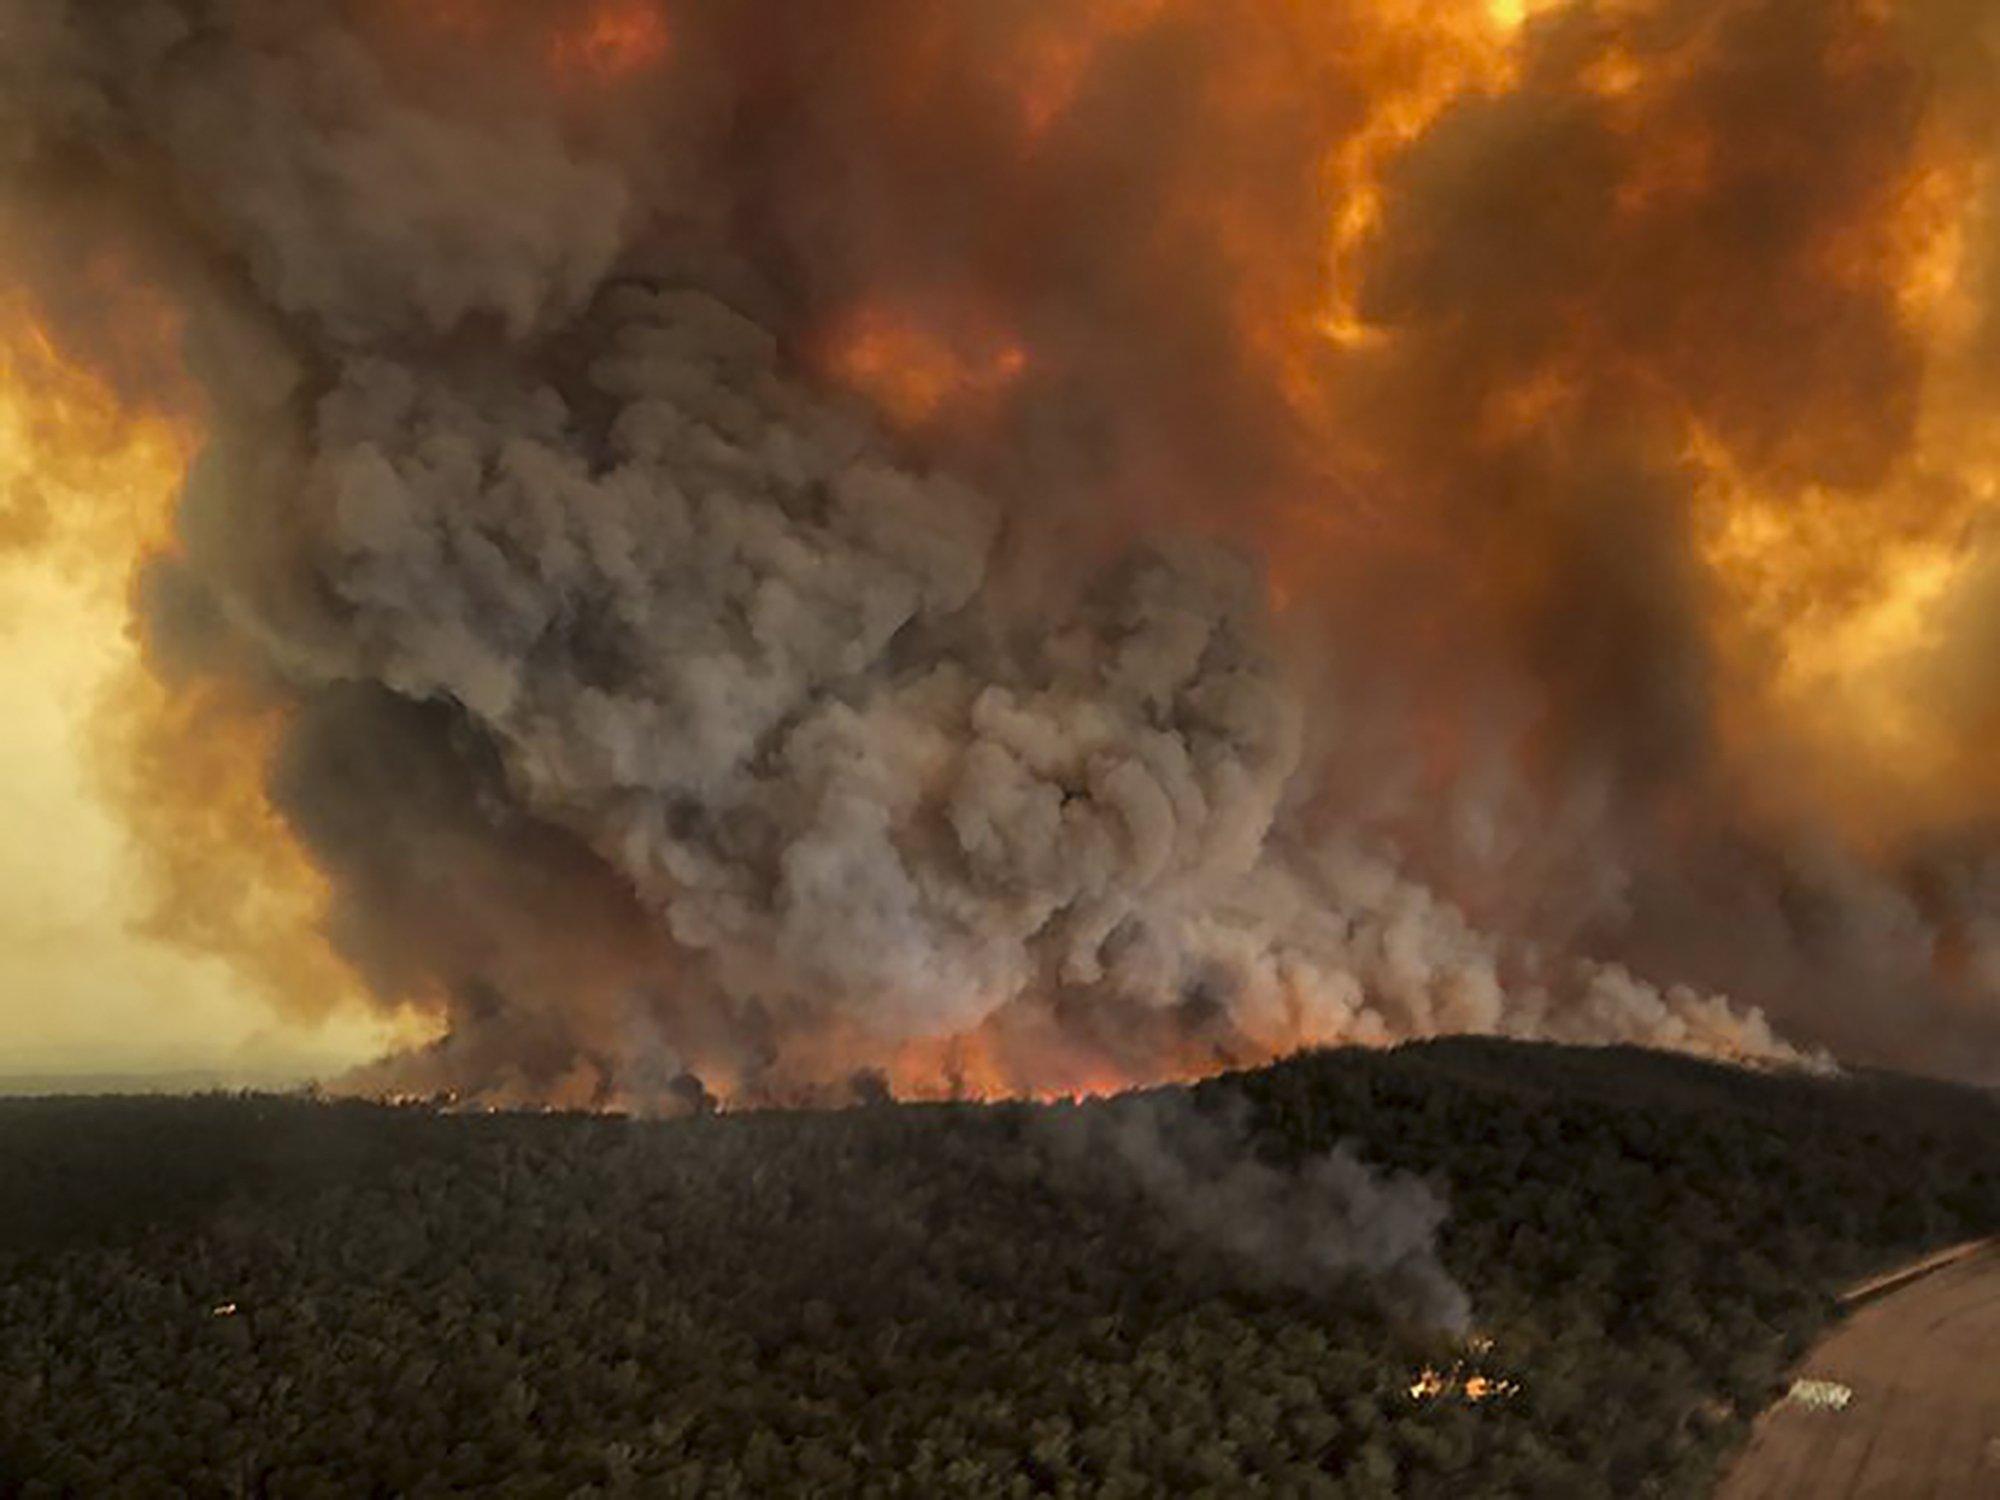 Das Bild ist aus einem Flugzeug oder Hubschrauber heraus aufgenommen. Es zeigt im Vordergrund einen grünen Wald, der aber im hinteren Teil des Bilds in Flammen steht.